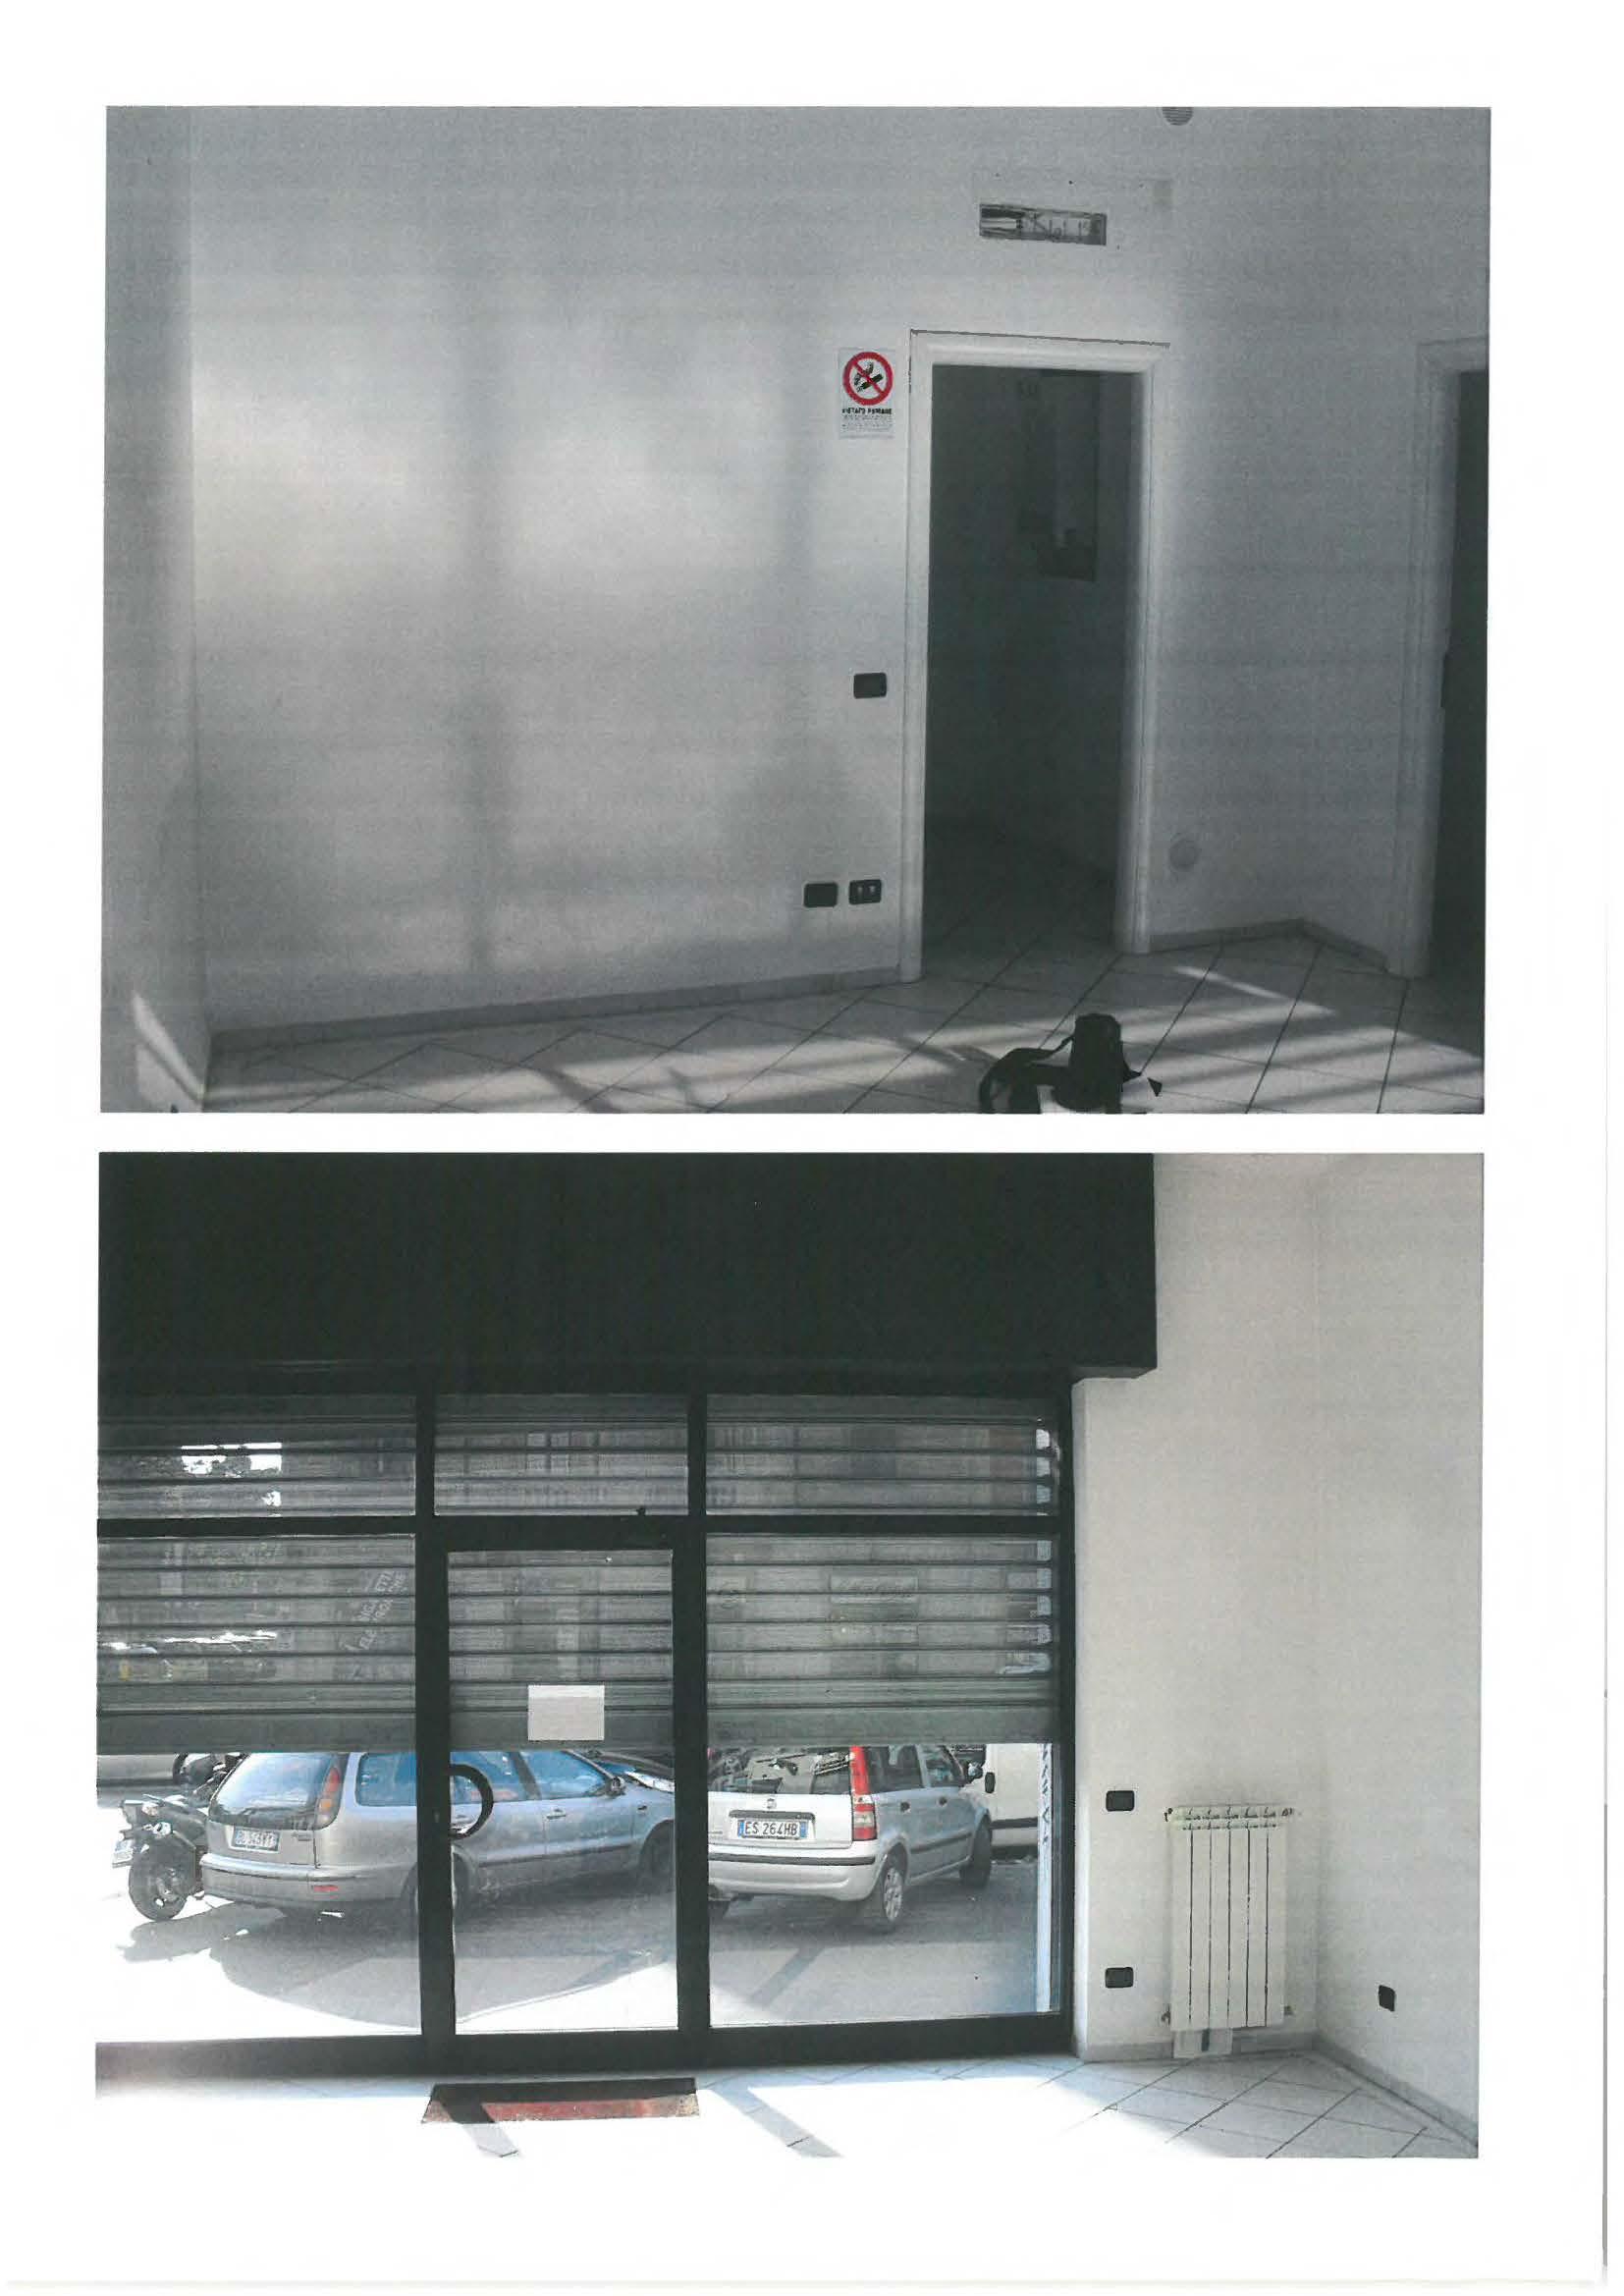 Garage o autorimessa BAGNO A RIPOLI fino a 30.000 euro - Enti e ...